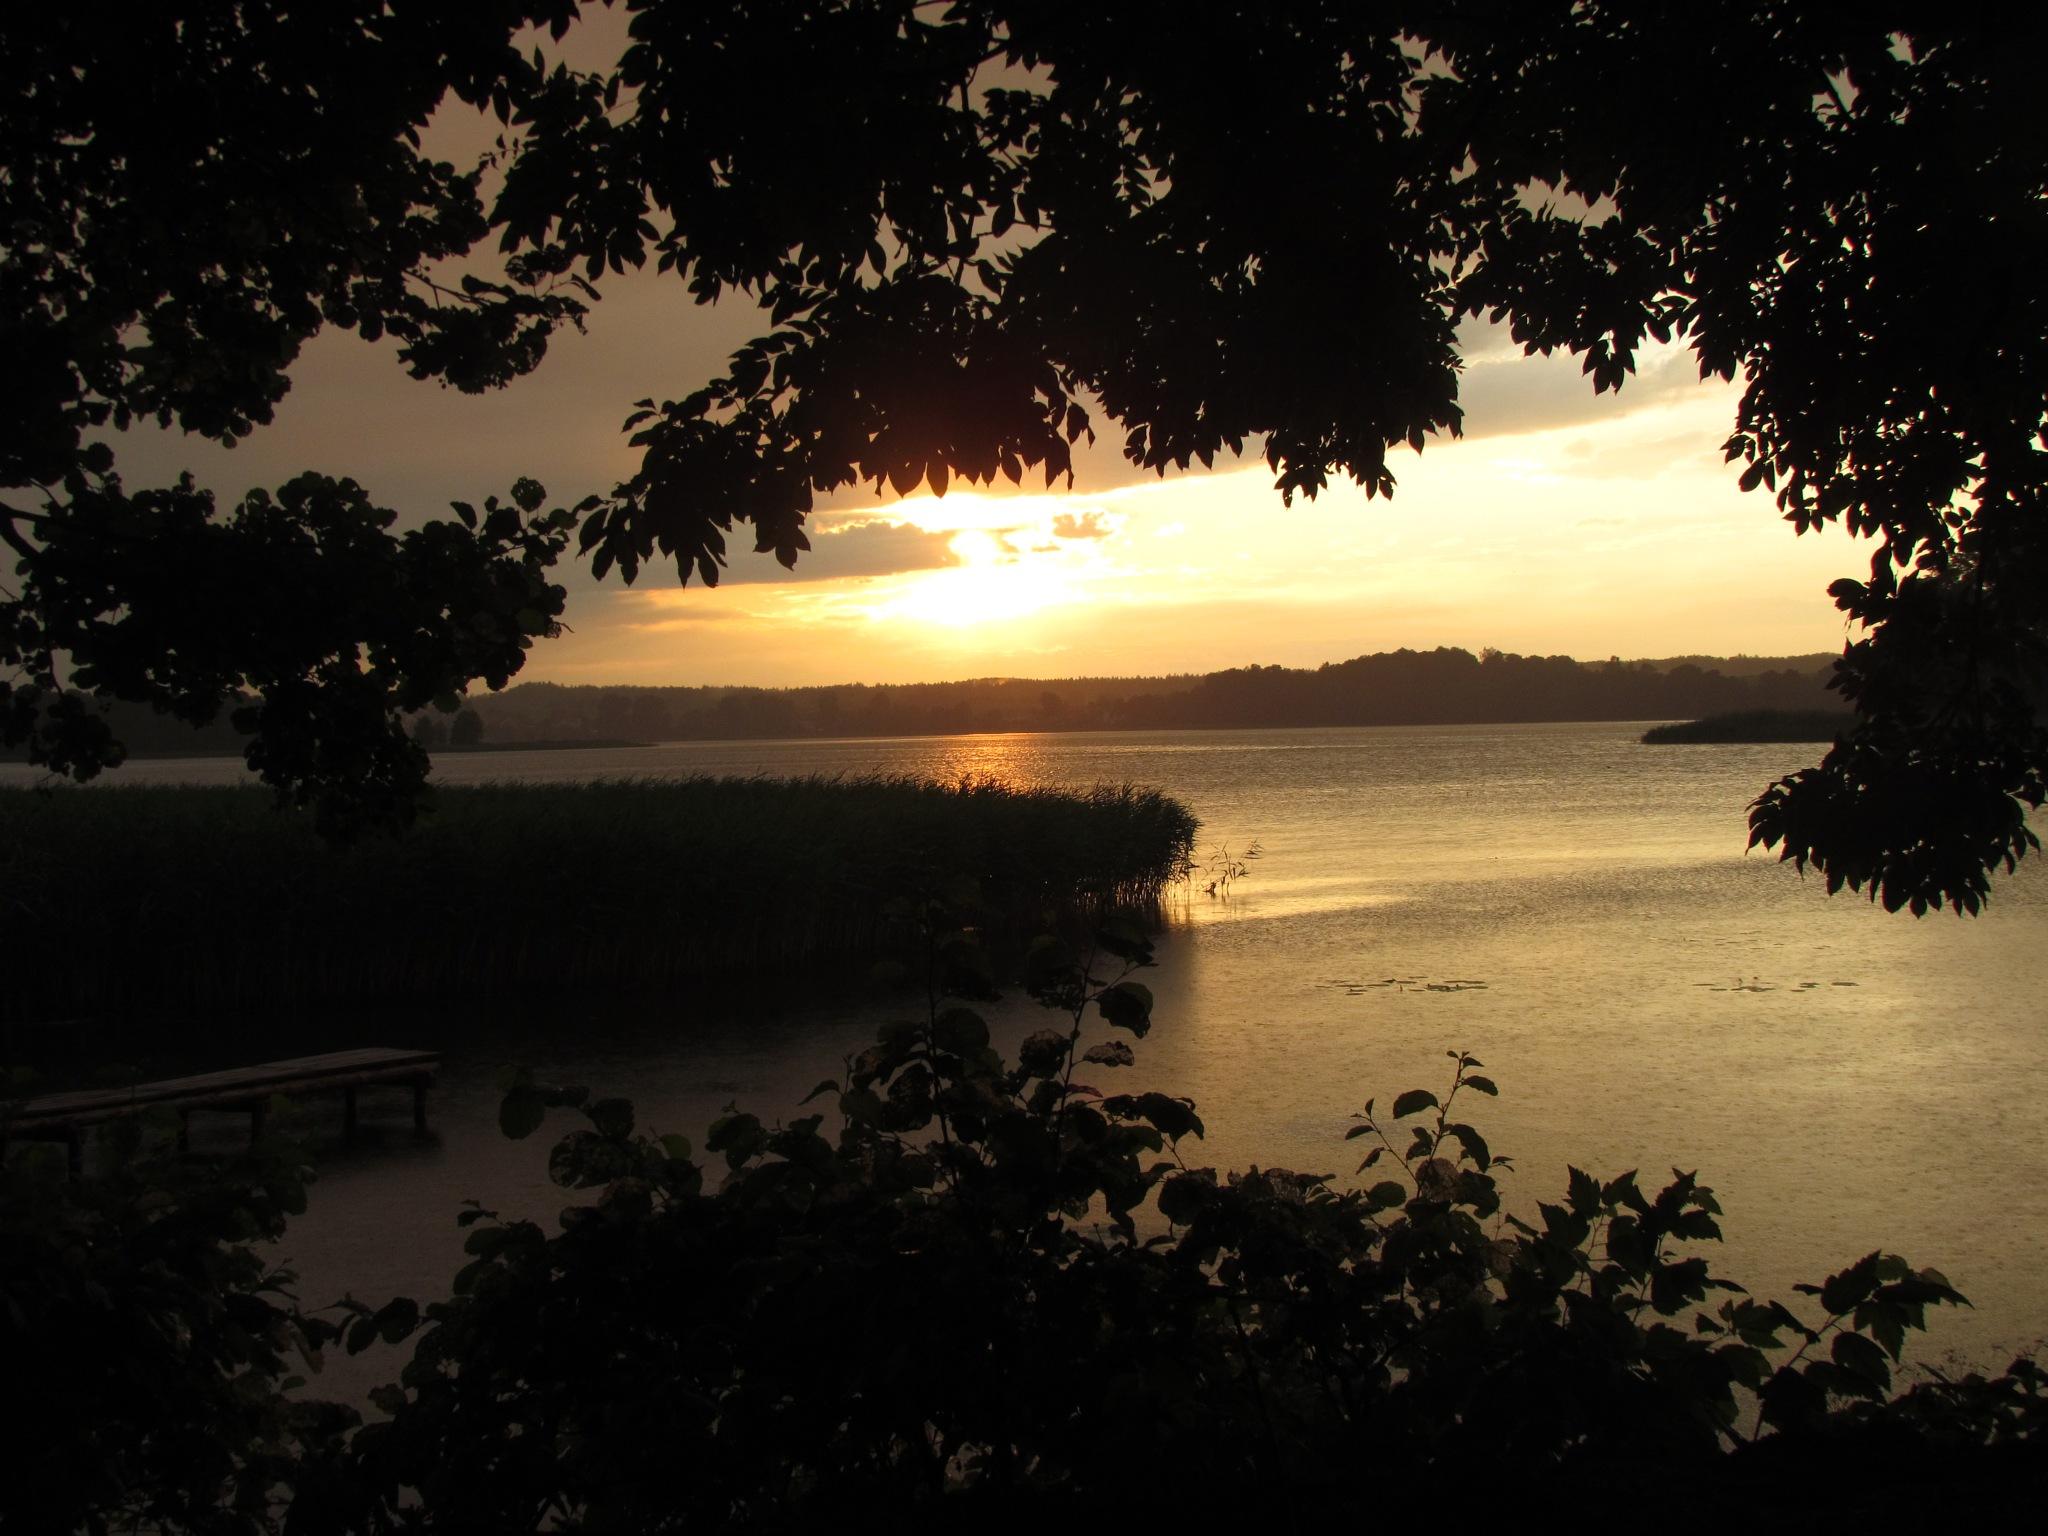 Lake by marta.figurzynskaderouiche